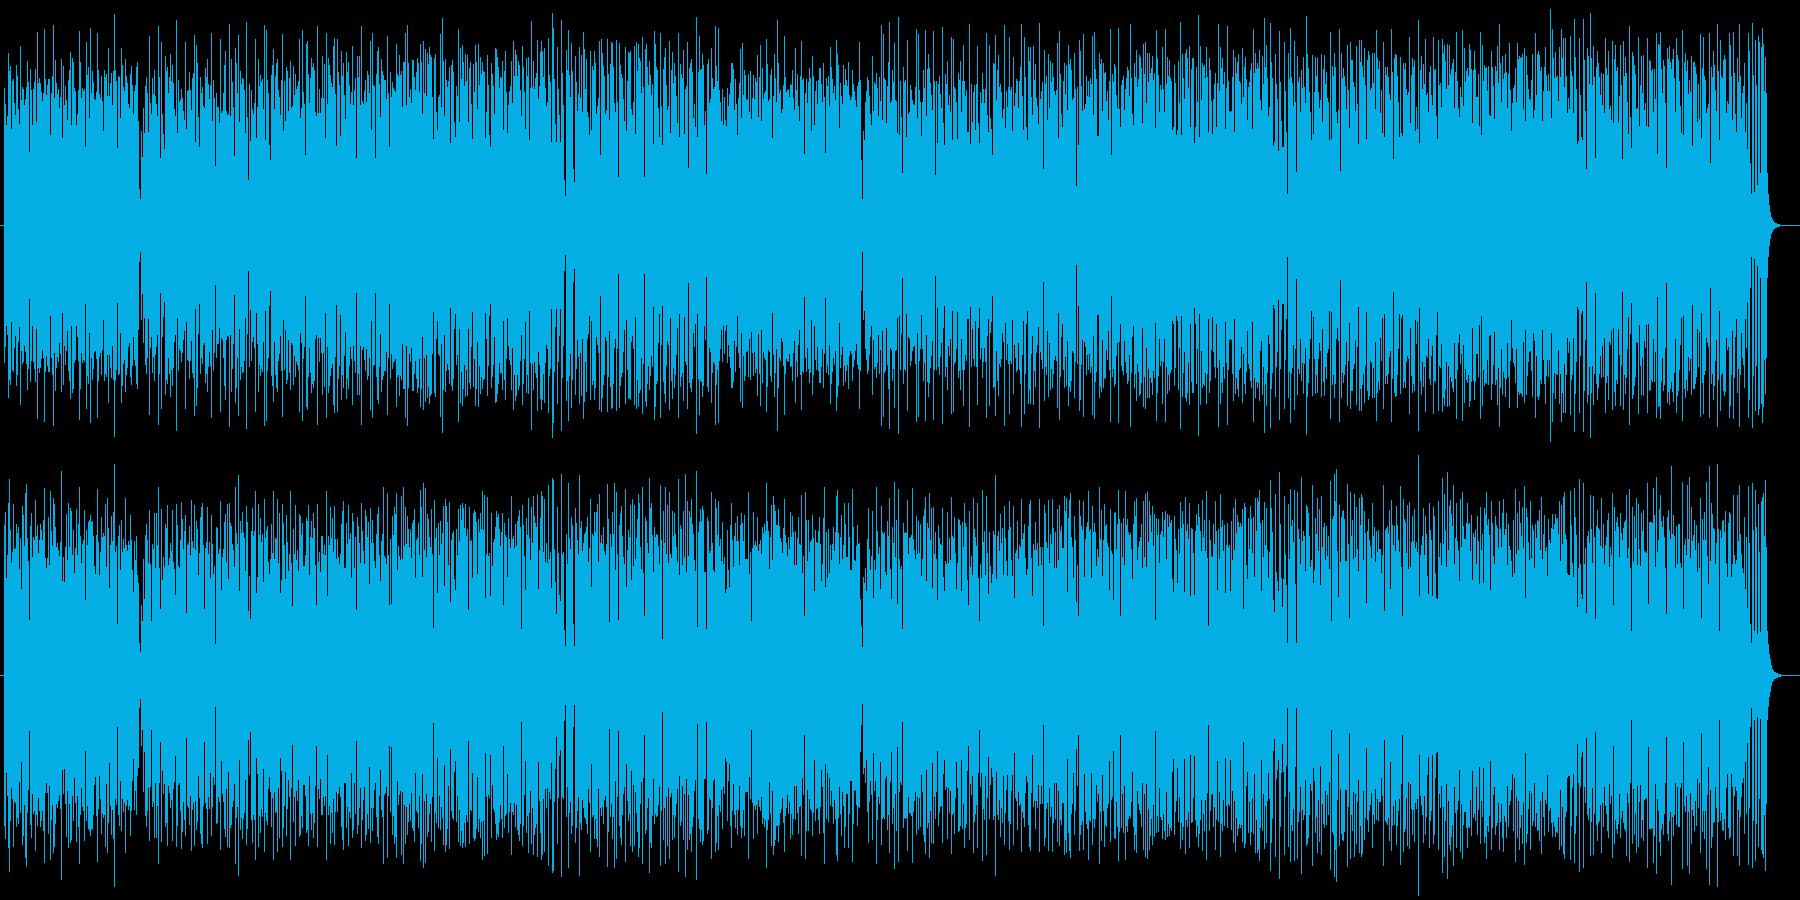 ほのぼの系シンセサイザー打楽器ポップの再生済みの波形